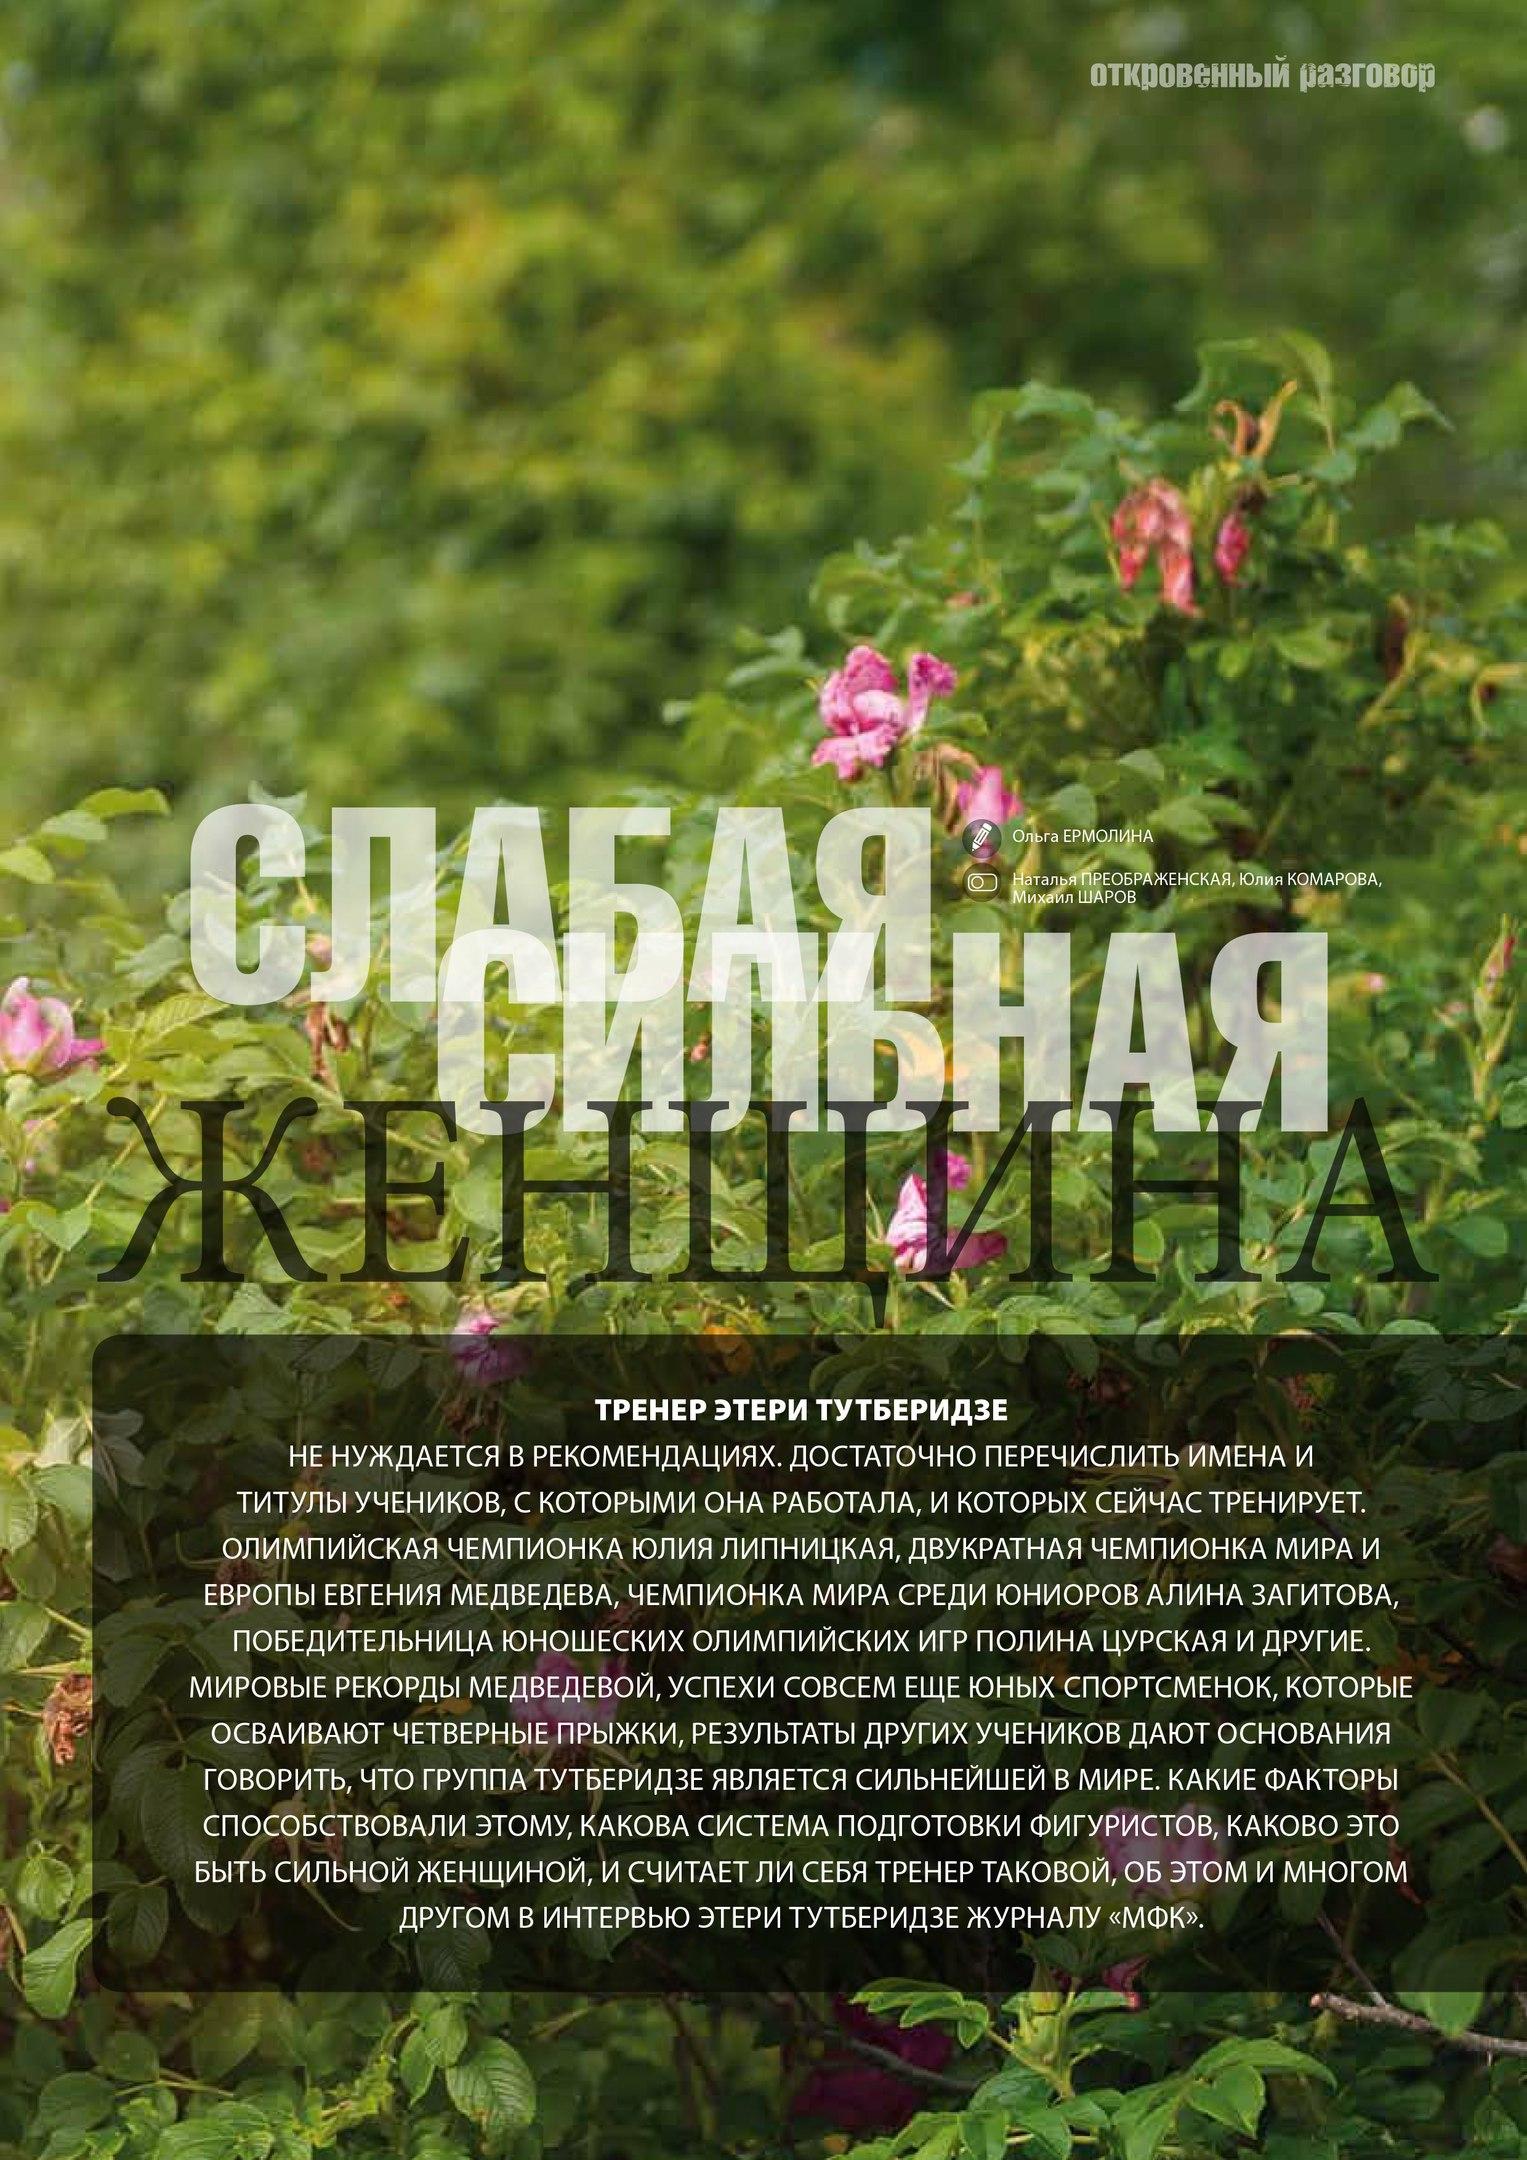 Группа Этери Тутберидзе - ЦСО «Самбо-70», отделение «Хрустальный» (Москва) - Страница 40 FnM7Ud-cqtg